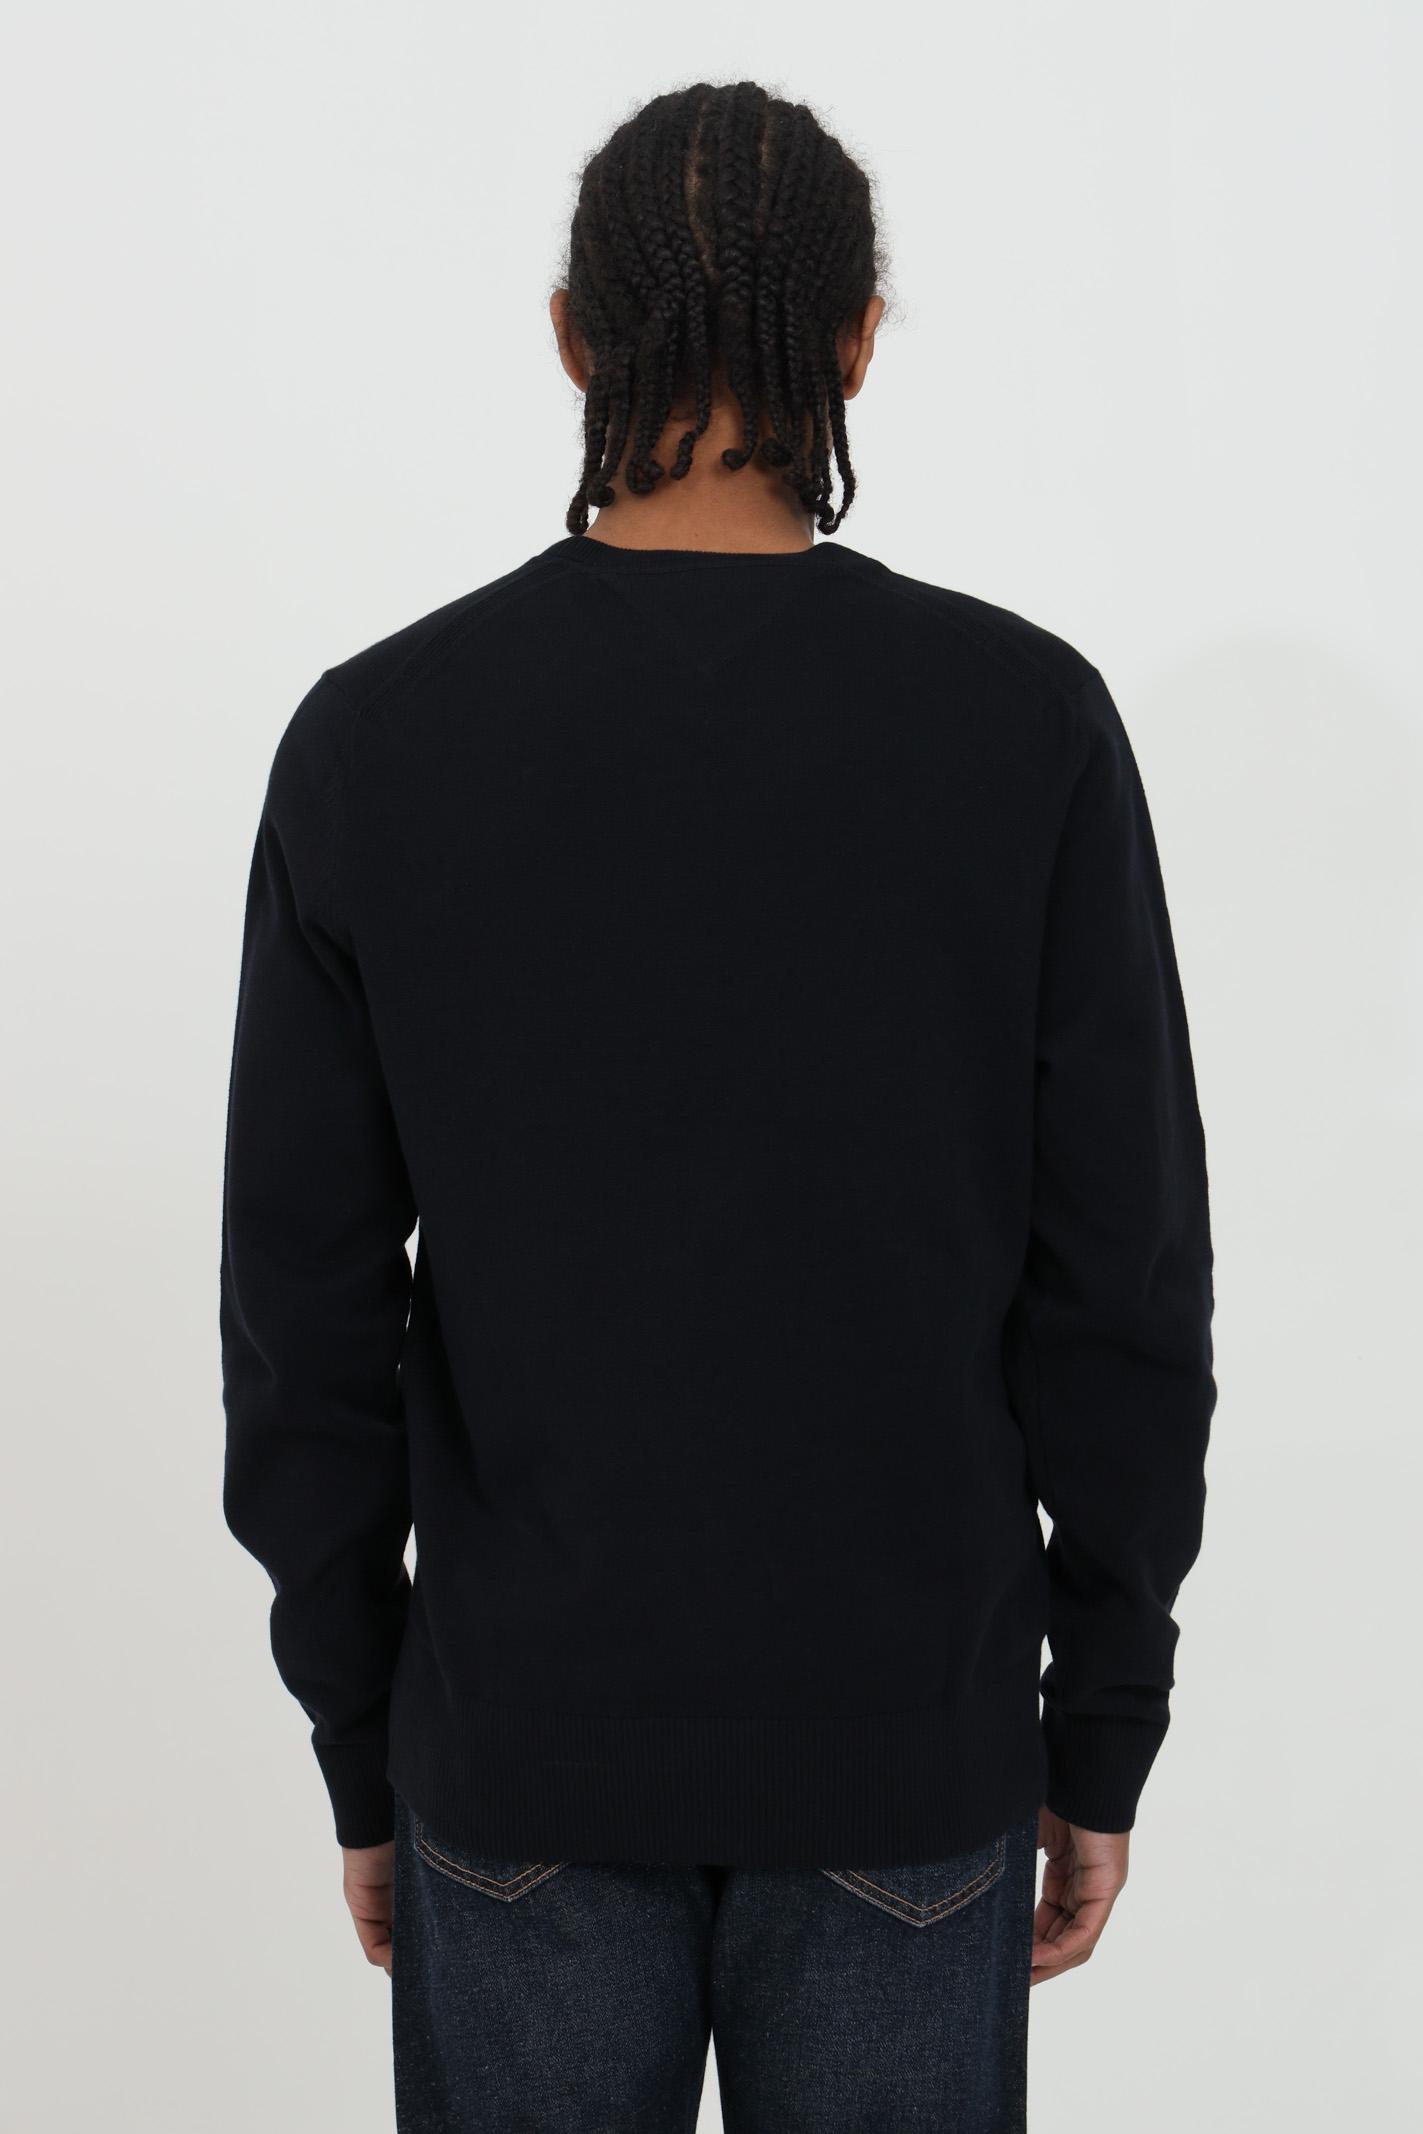 Ribbed crew neck sweater TOMMY HILFIGER | Knitwear | MW0MW17351DW5